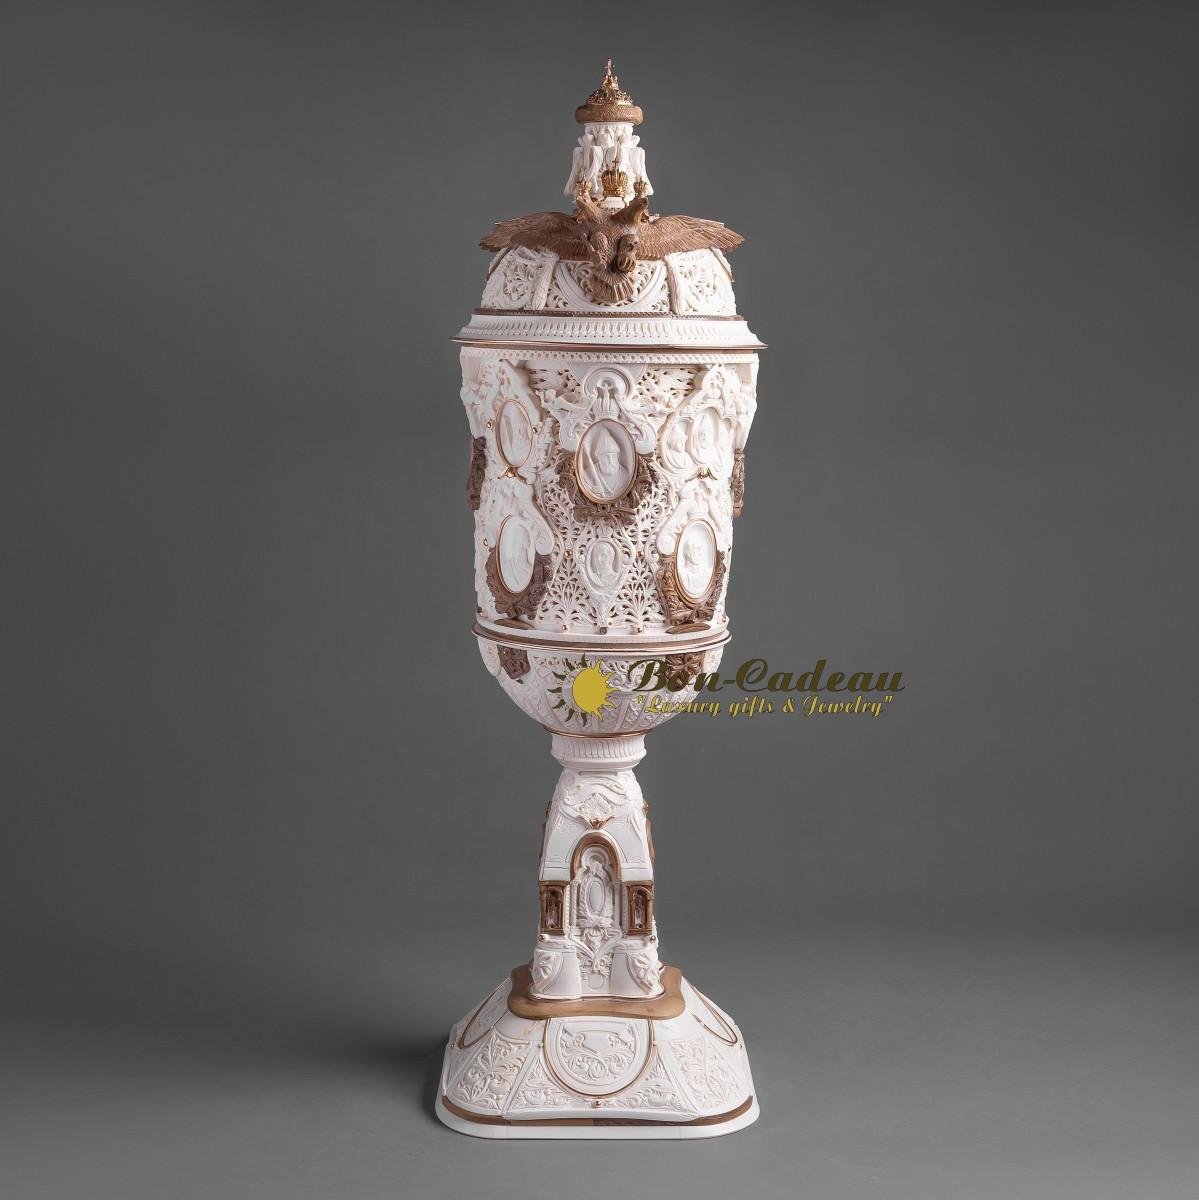 Кубок Цари и императоры России (бивень, золото)